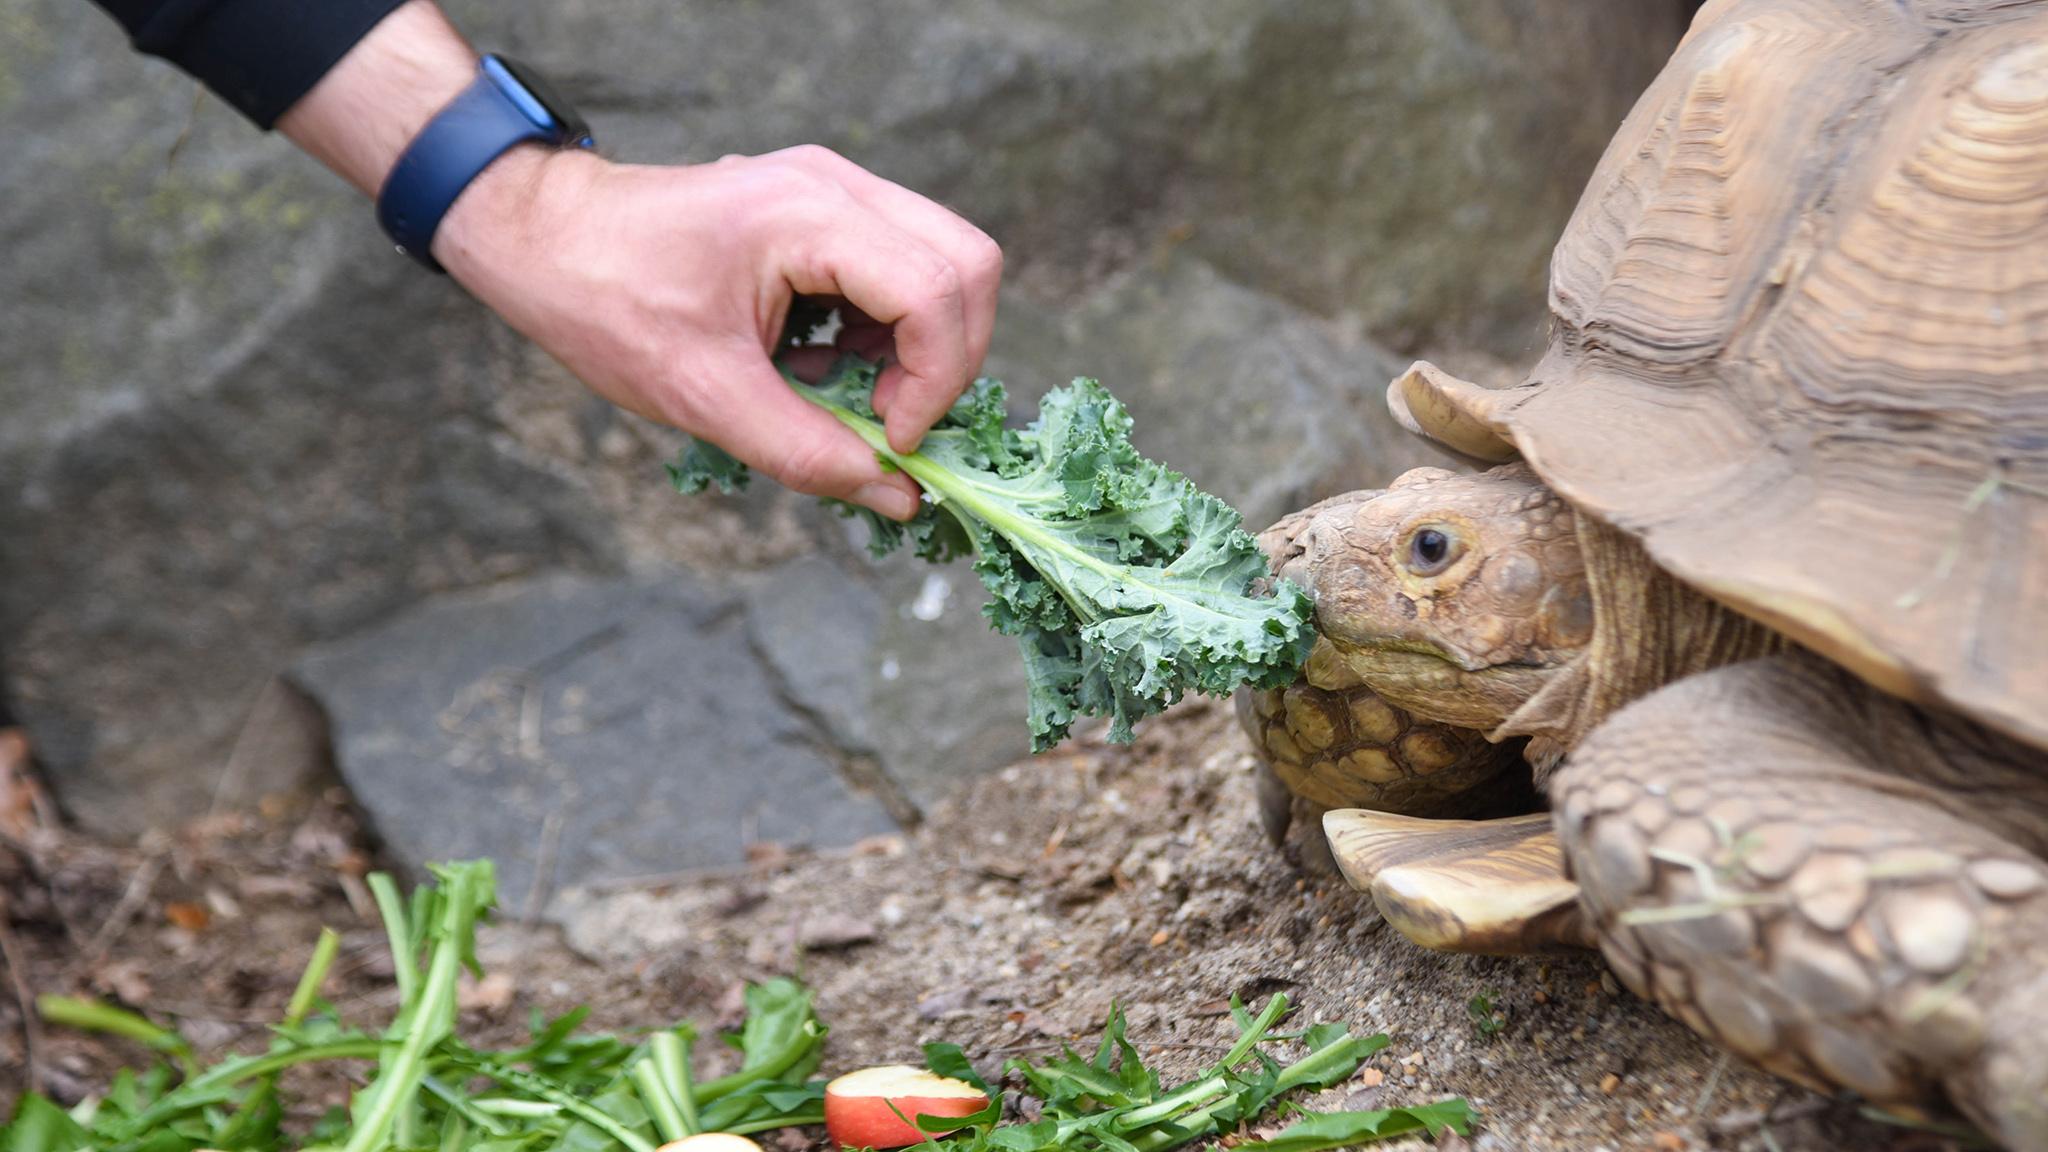 person feeding a tortoise.